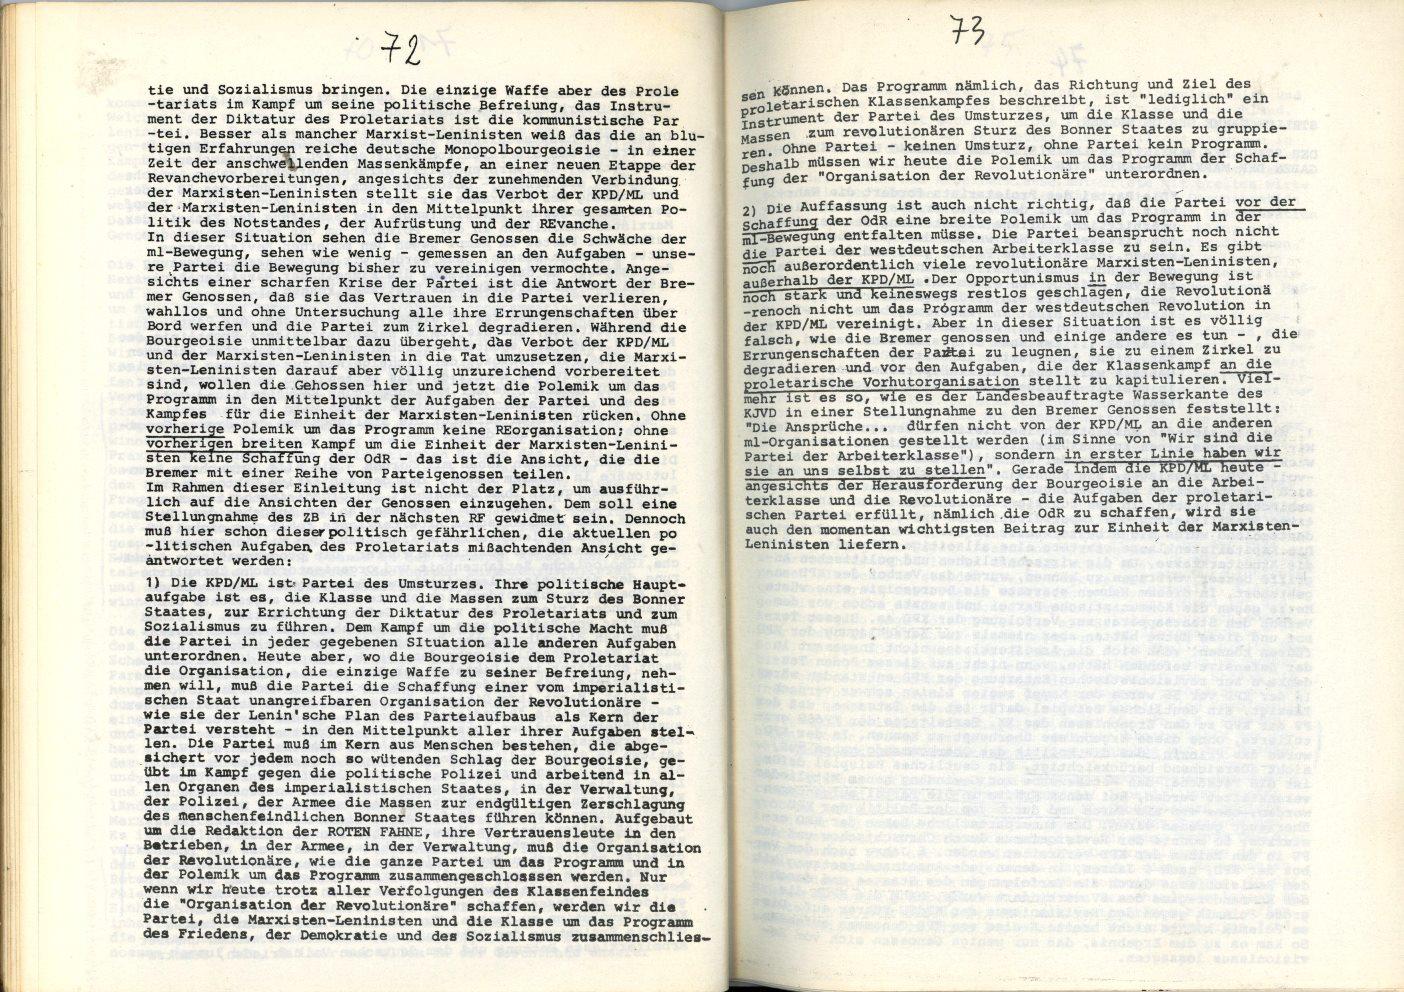 ZB_1972_Diskussionsorgan_zur_ersten_Parteikonferenz_40